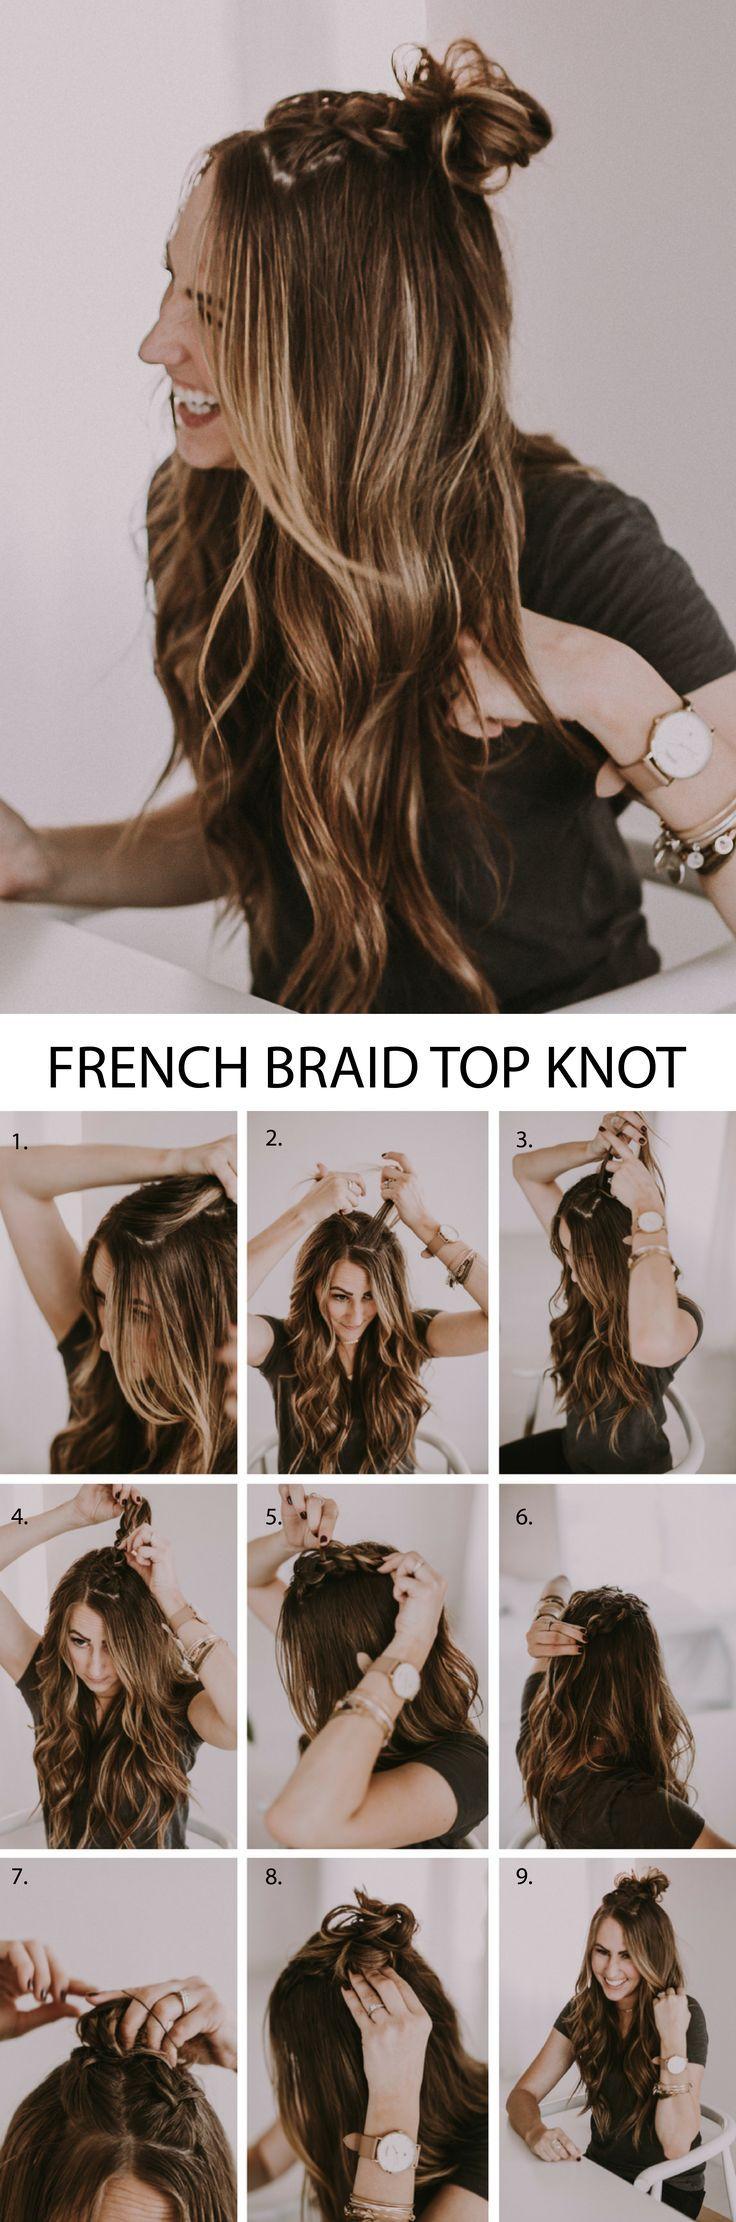 best 25+ braided half up ideas on pinterest | braid half up half